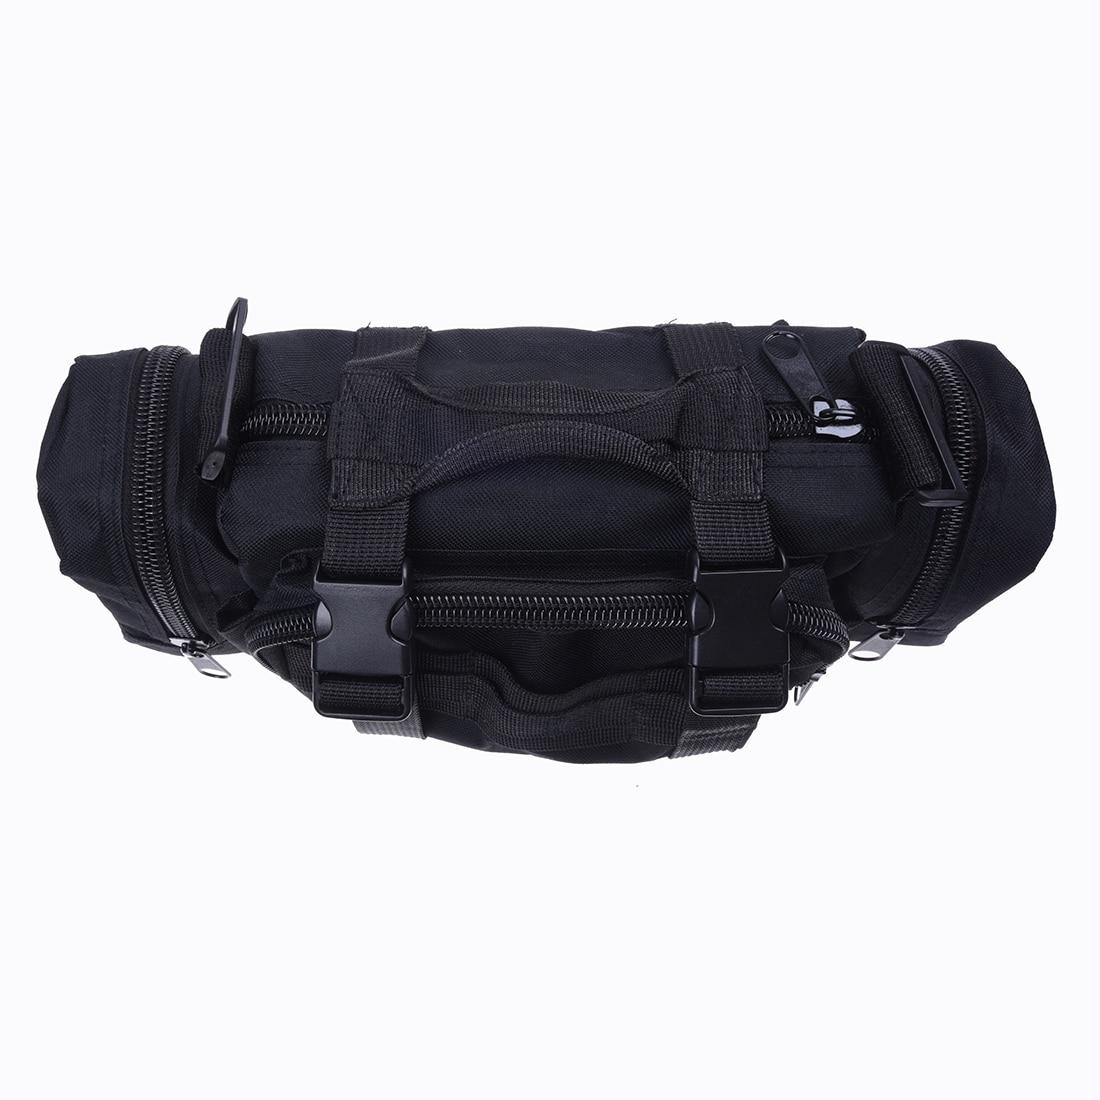 Hot Fashion Black Shoulder Bag 20L Waterproof 800D Nylon Belt Crossbody Traveling Bag